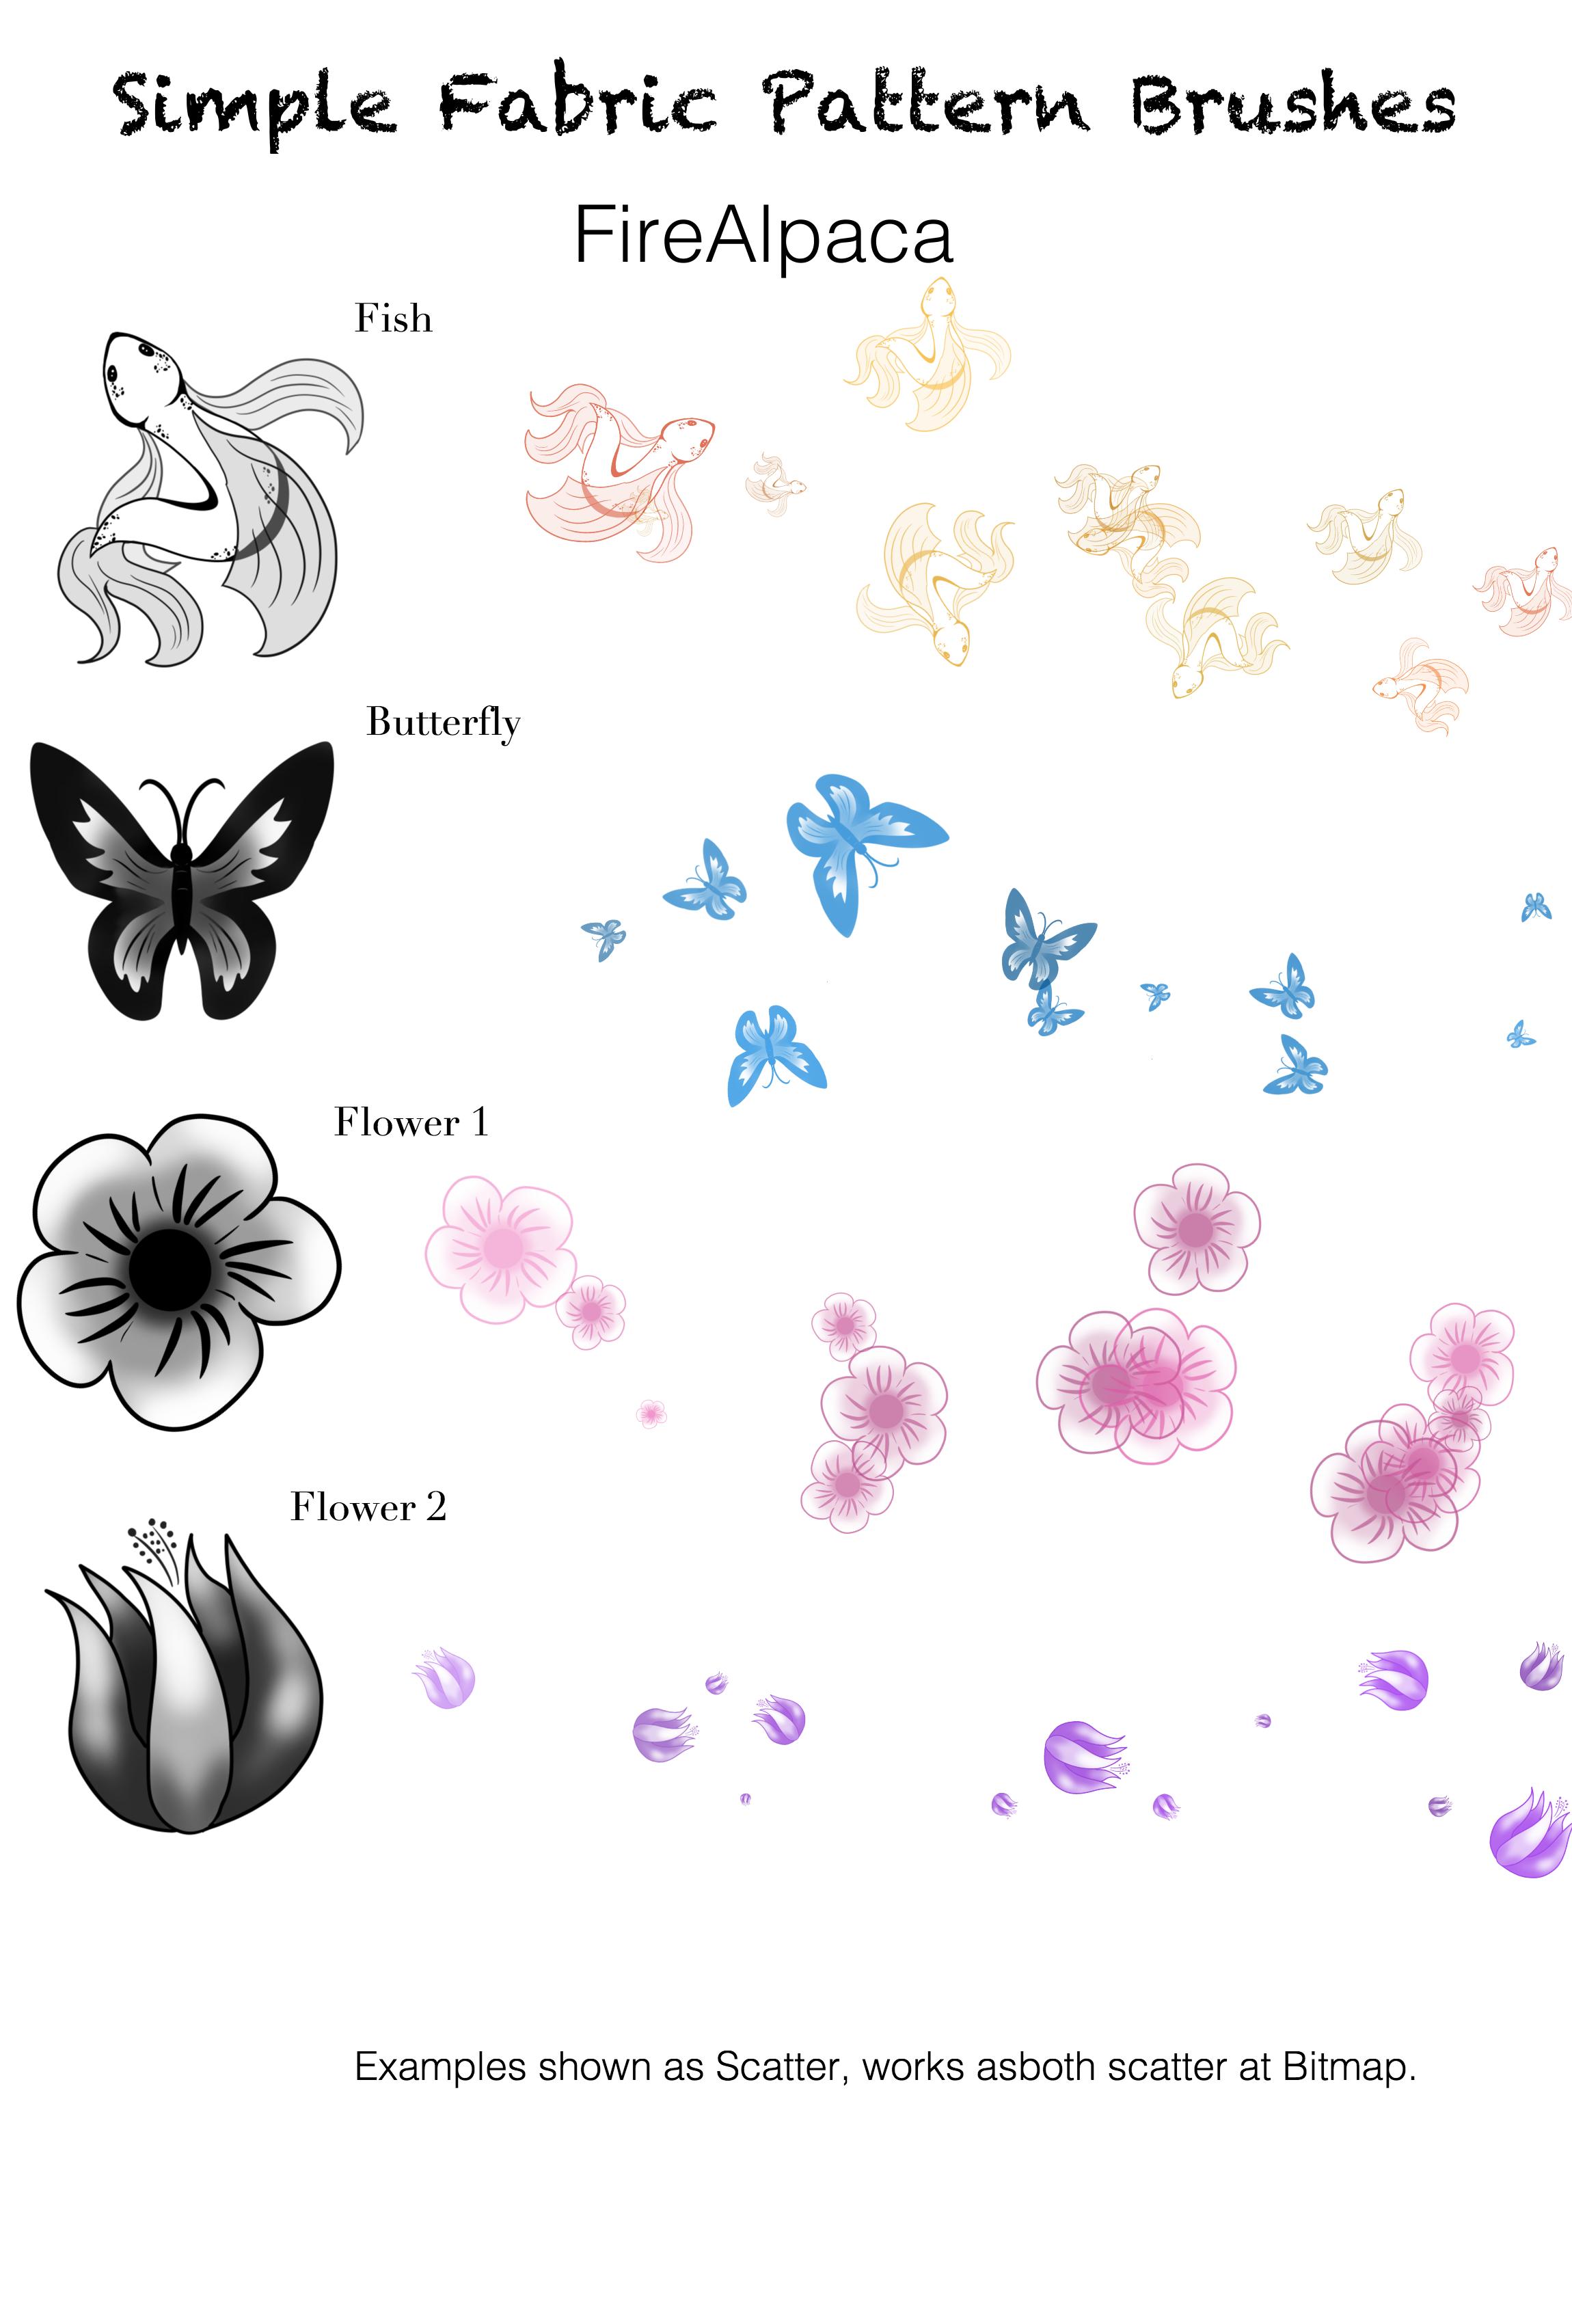 金鱼、蝴蝶、花朵等图案PS笔刷下载(PNG图片素材下载)